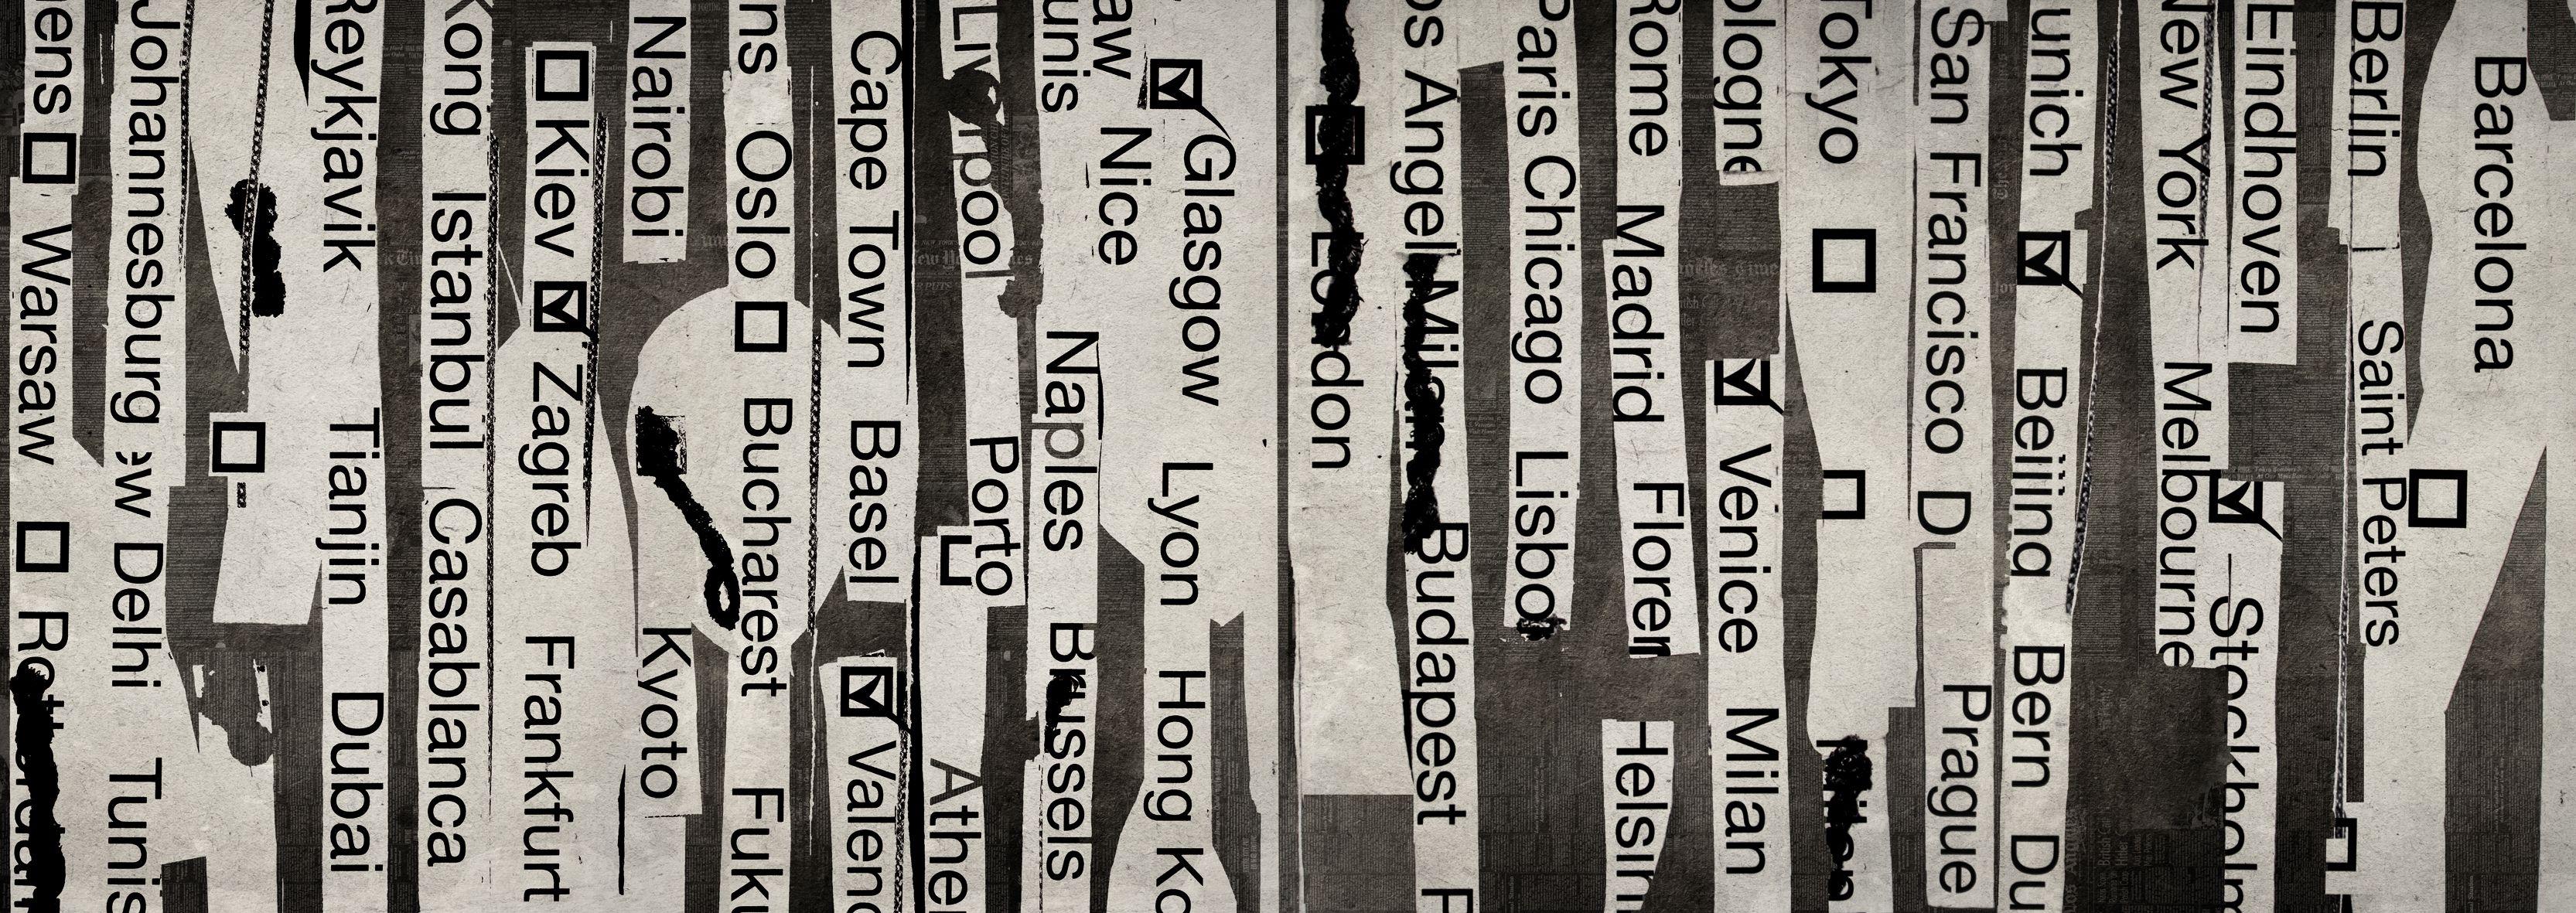 Carta da parati con scritte round the world by wall dec for Carta da parati con scritte